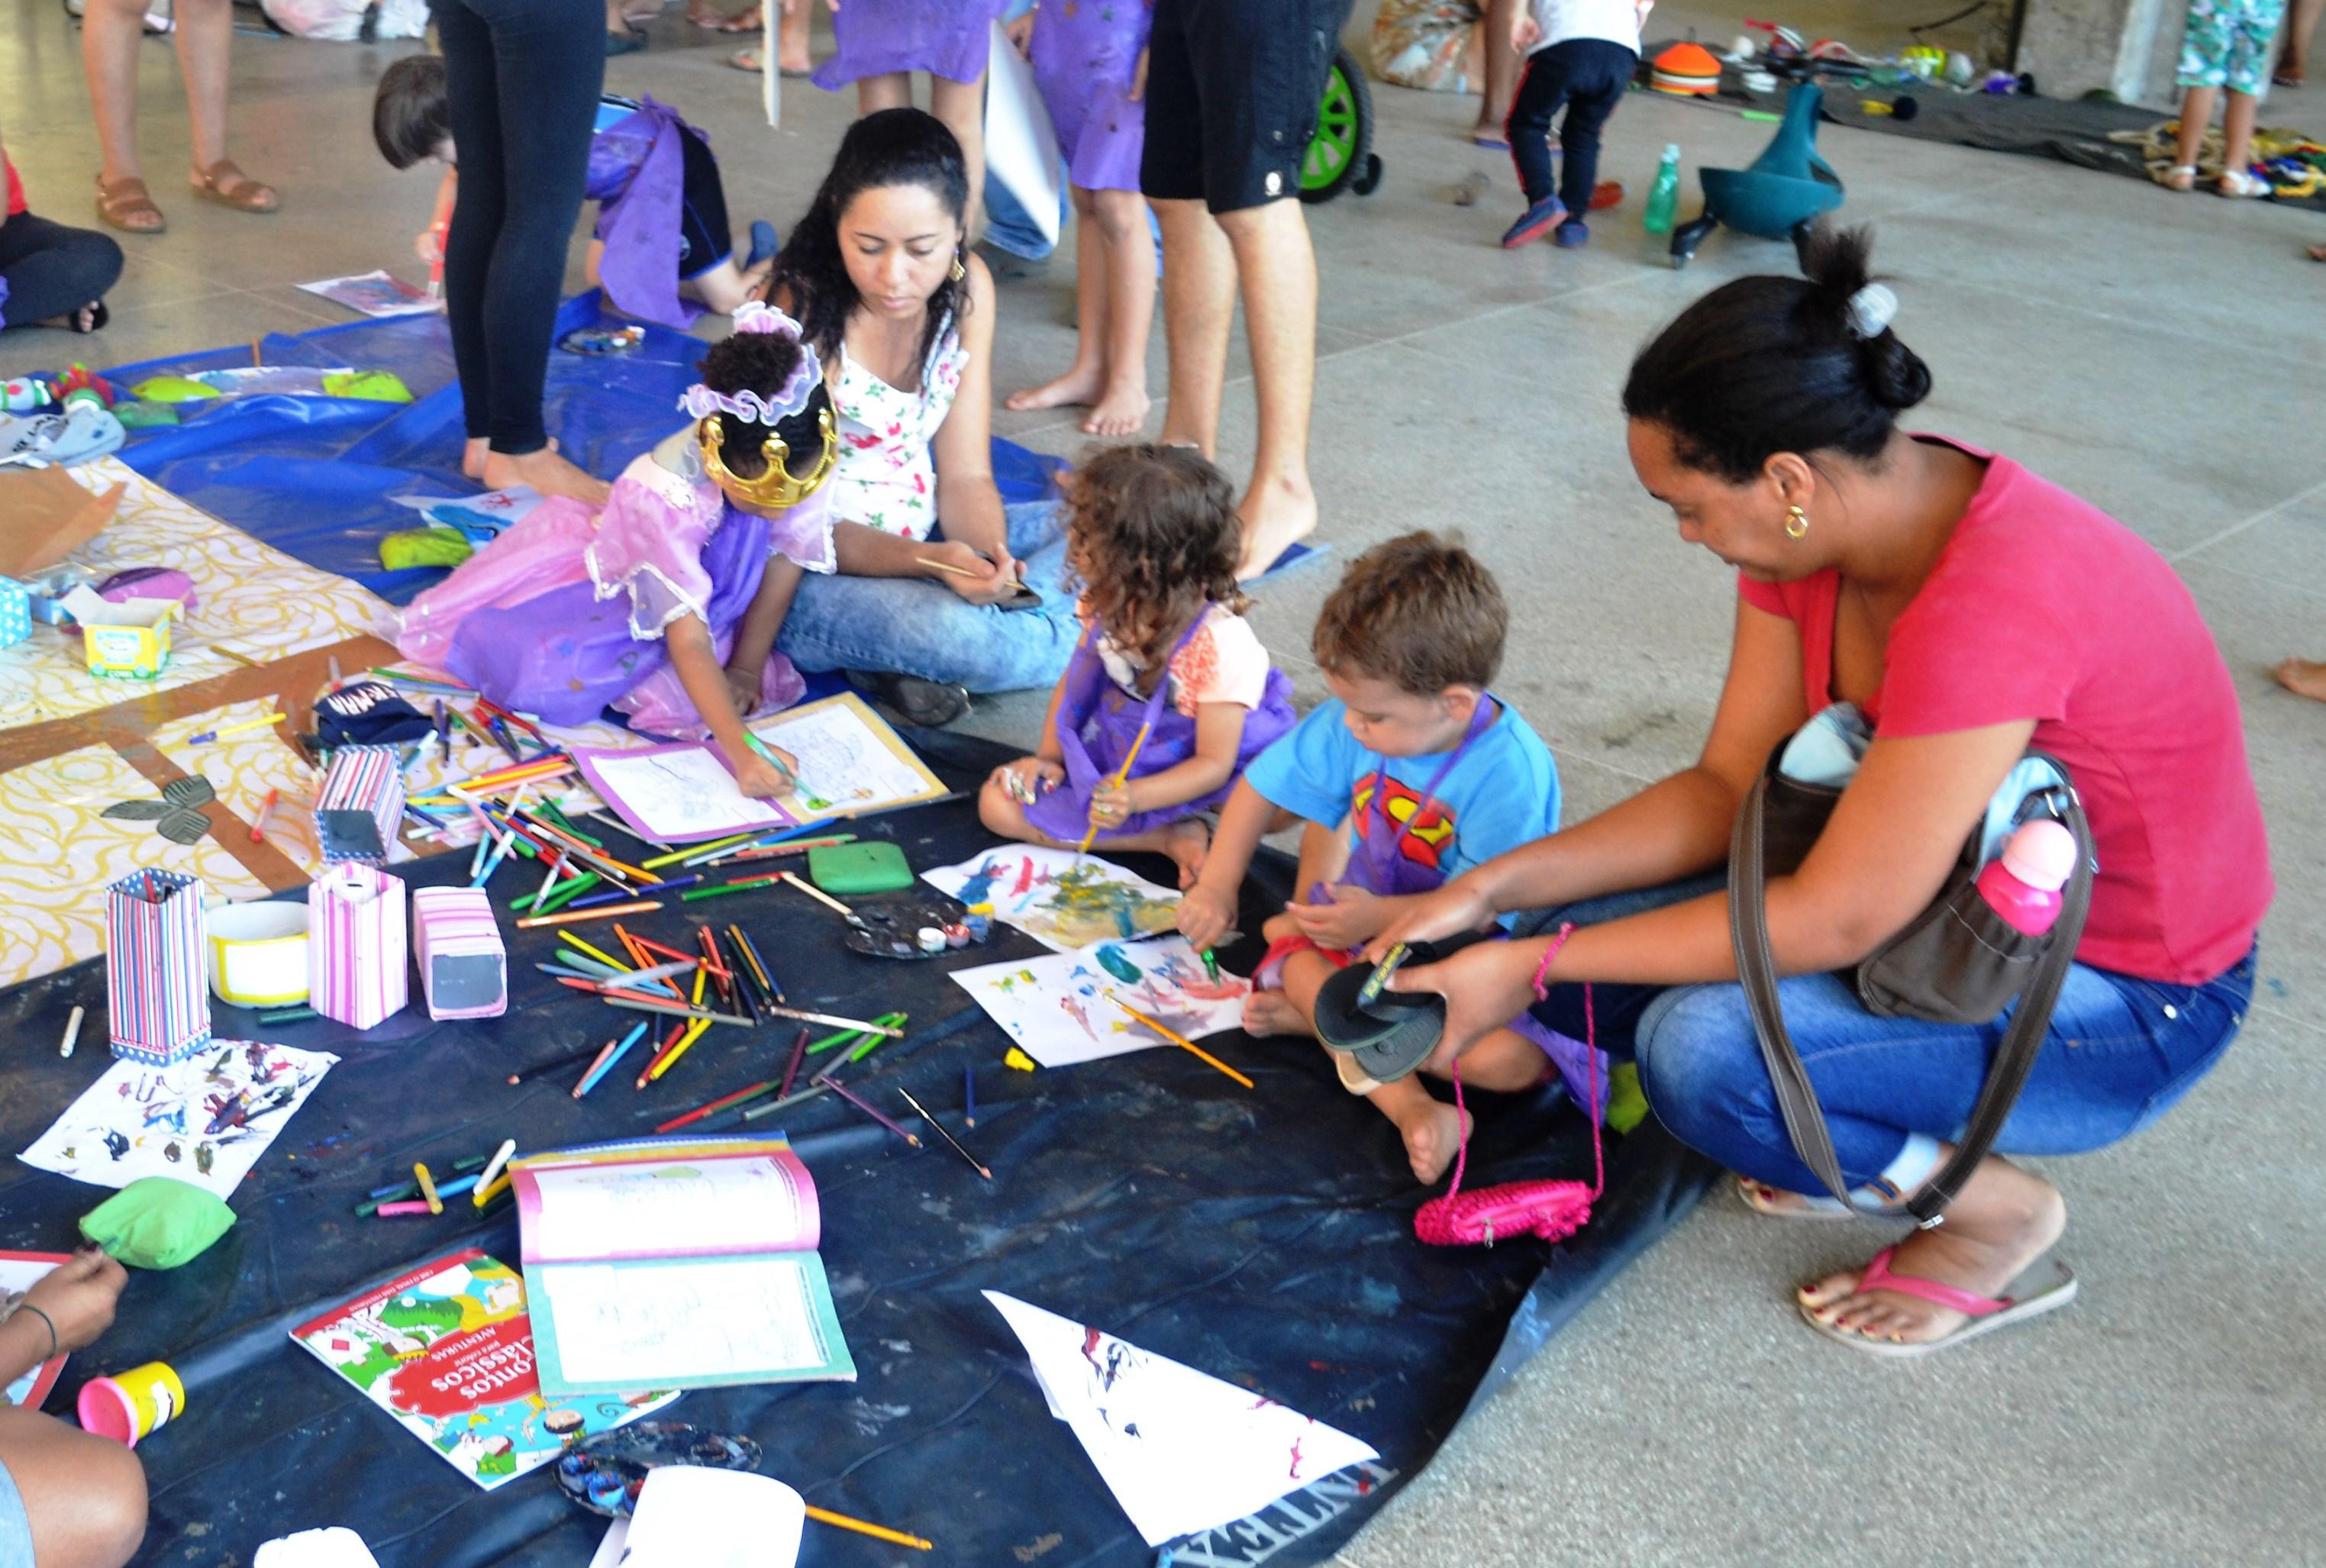 A edição de outubro do Crianças na UFBA reuniu cerca de 300 crianças com suas famílias para brincar na Universidade